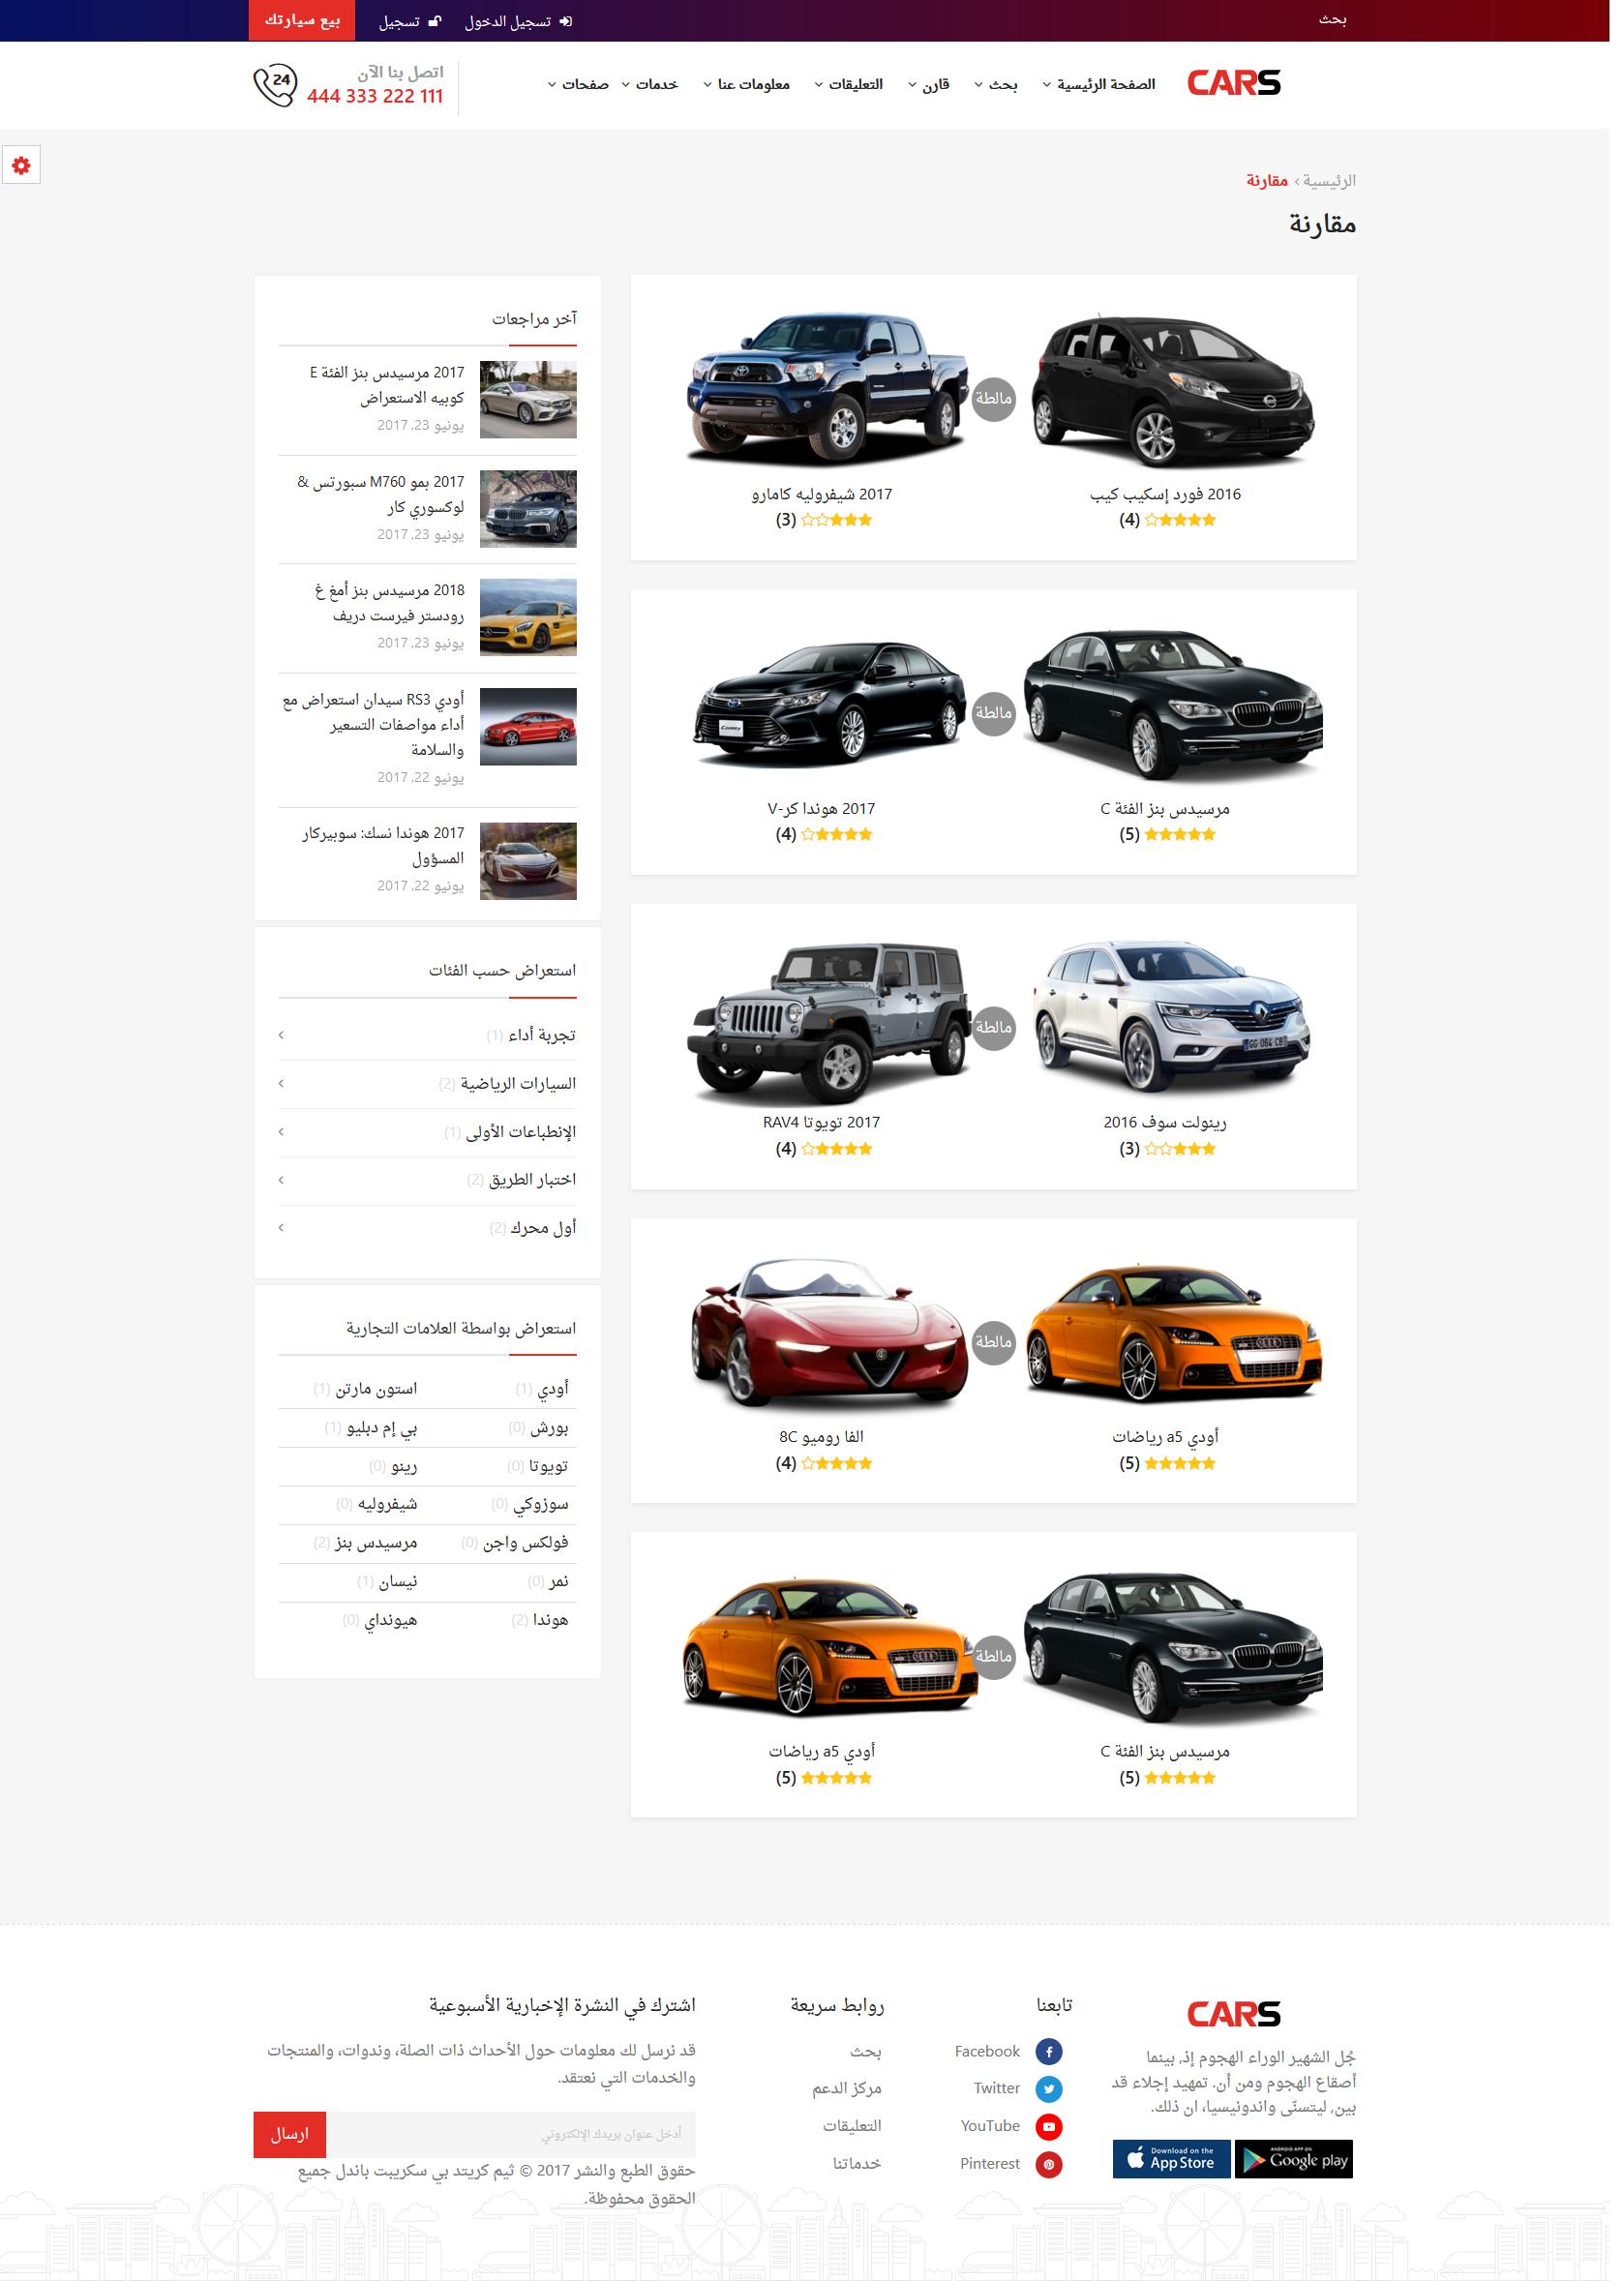 15f266f52 تصميم برنامج موقع حراج معارض سيارات - صفحة قائمة مقارنات بين سيارات بالصور